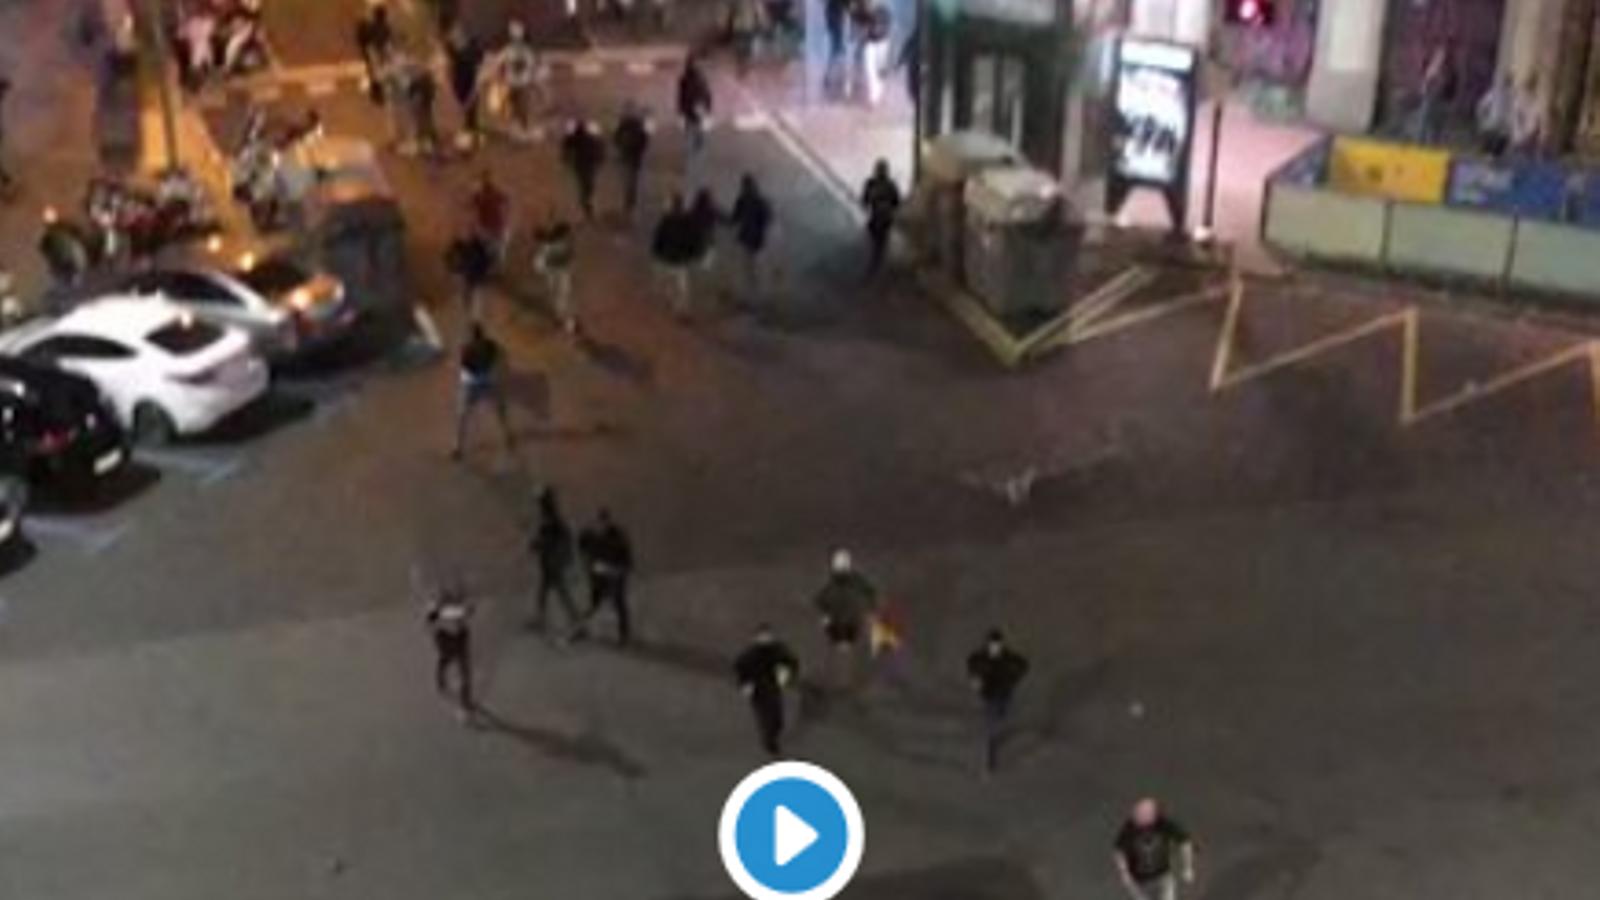 Polèmica per la brutal pallissa d'un grup ultra a un jove antifeixista